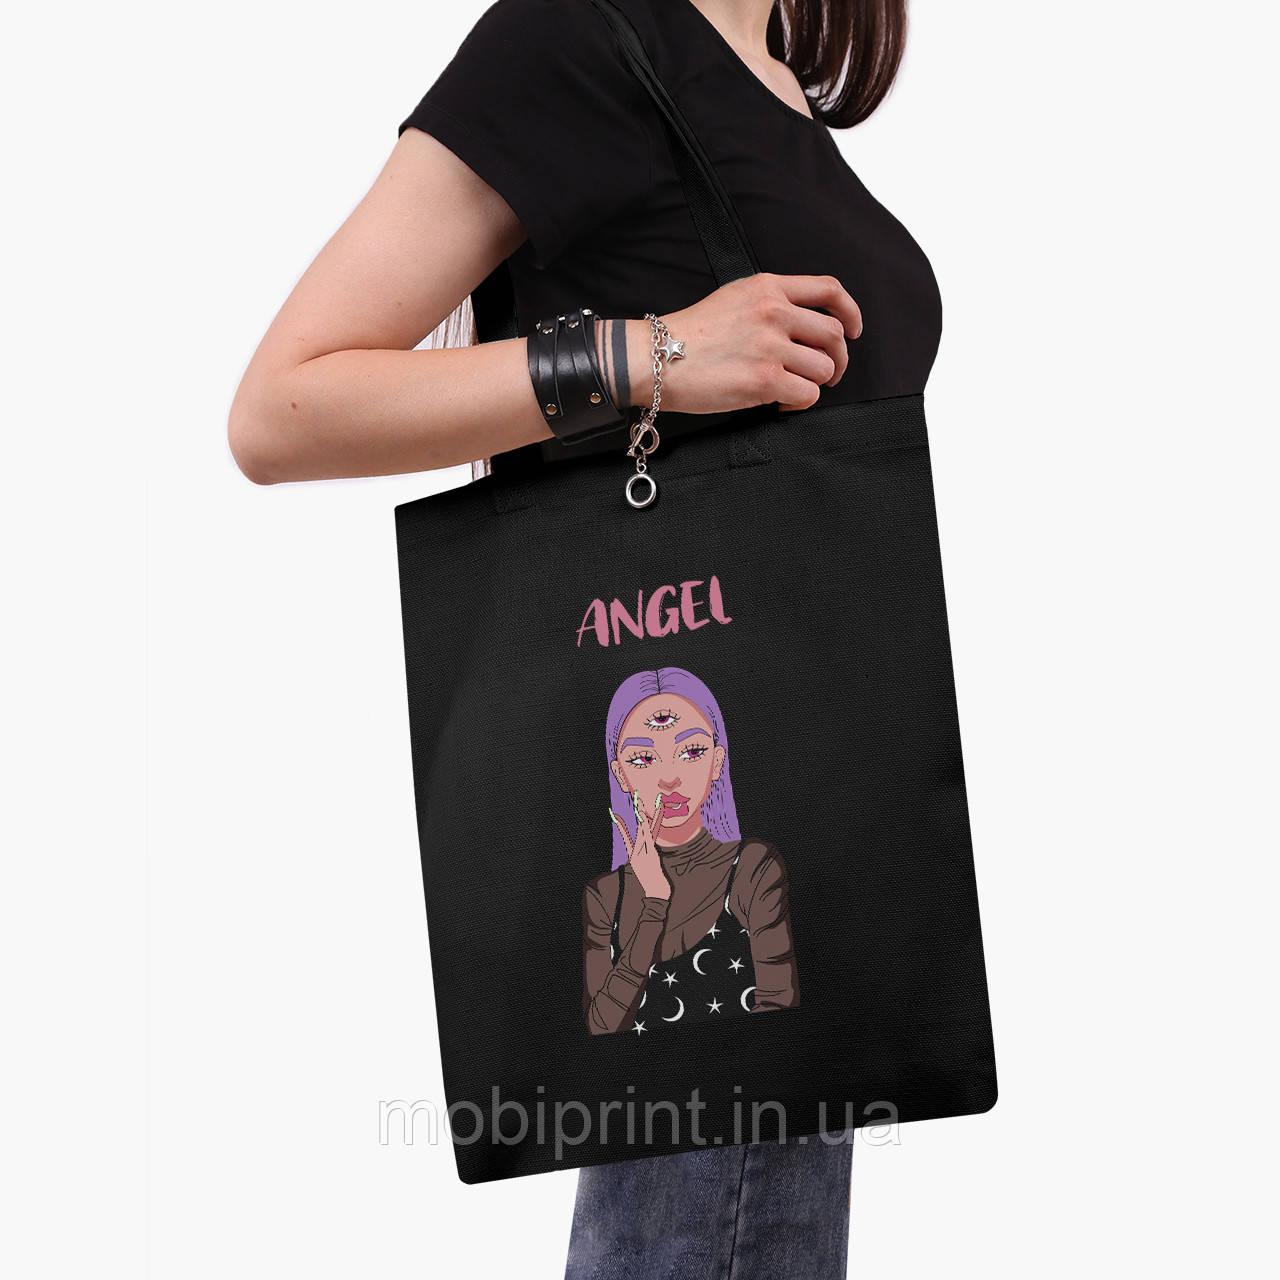 Эко сумка шоппер черная Ангел Диджитал Арт (Angel) (9227-1635-2)  экосумка шопер 41*35 см